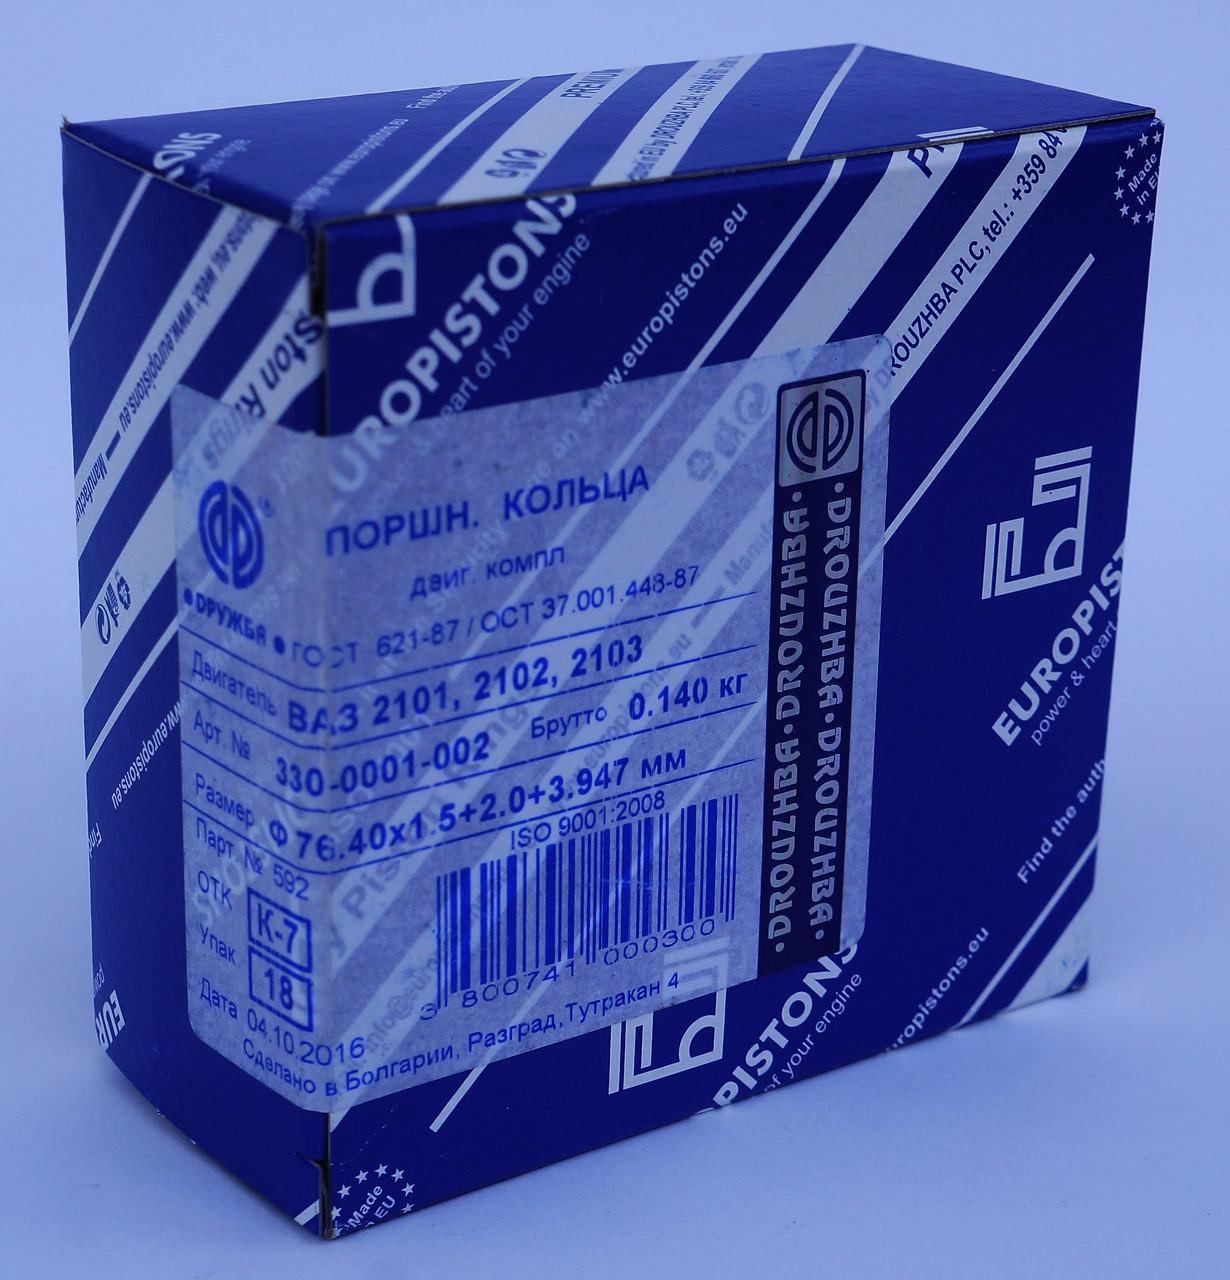 Поршневі кільця 76.4  ВАЗ 2101 Дружба DR 330-0001-002